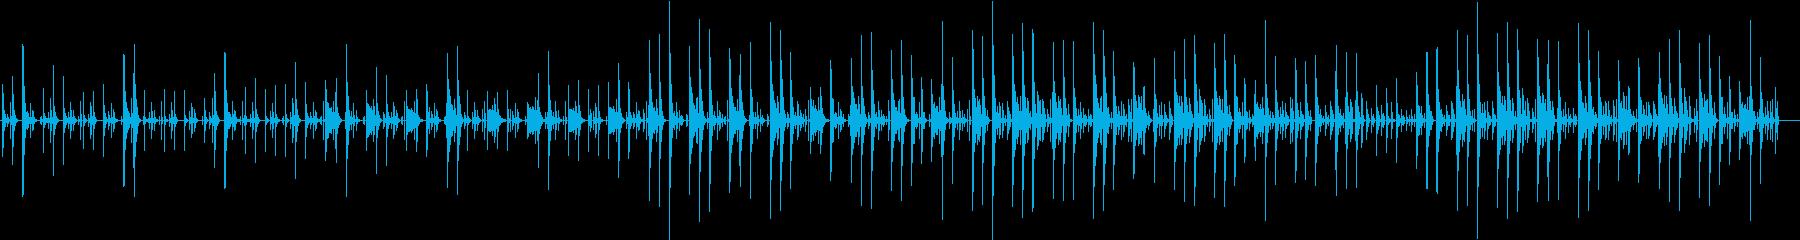 ほのぼのした場面などに使えるシンプルな曲の再生済みの波形